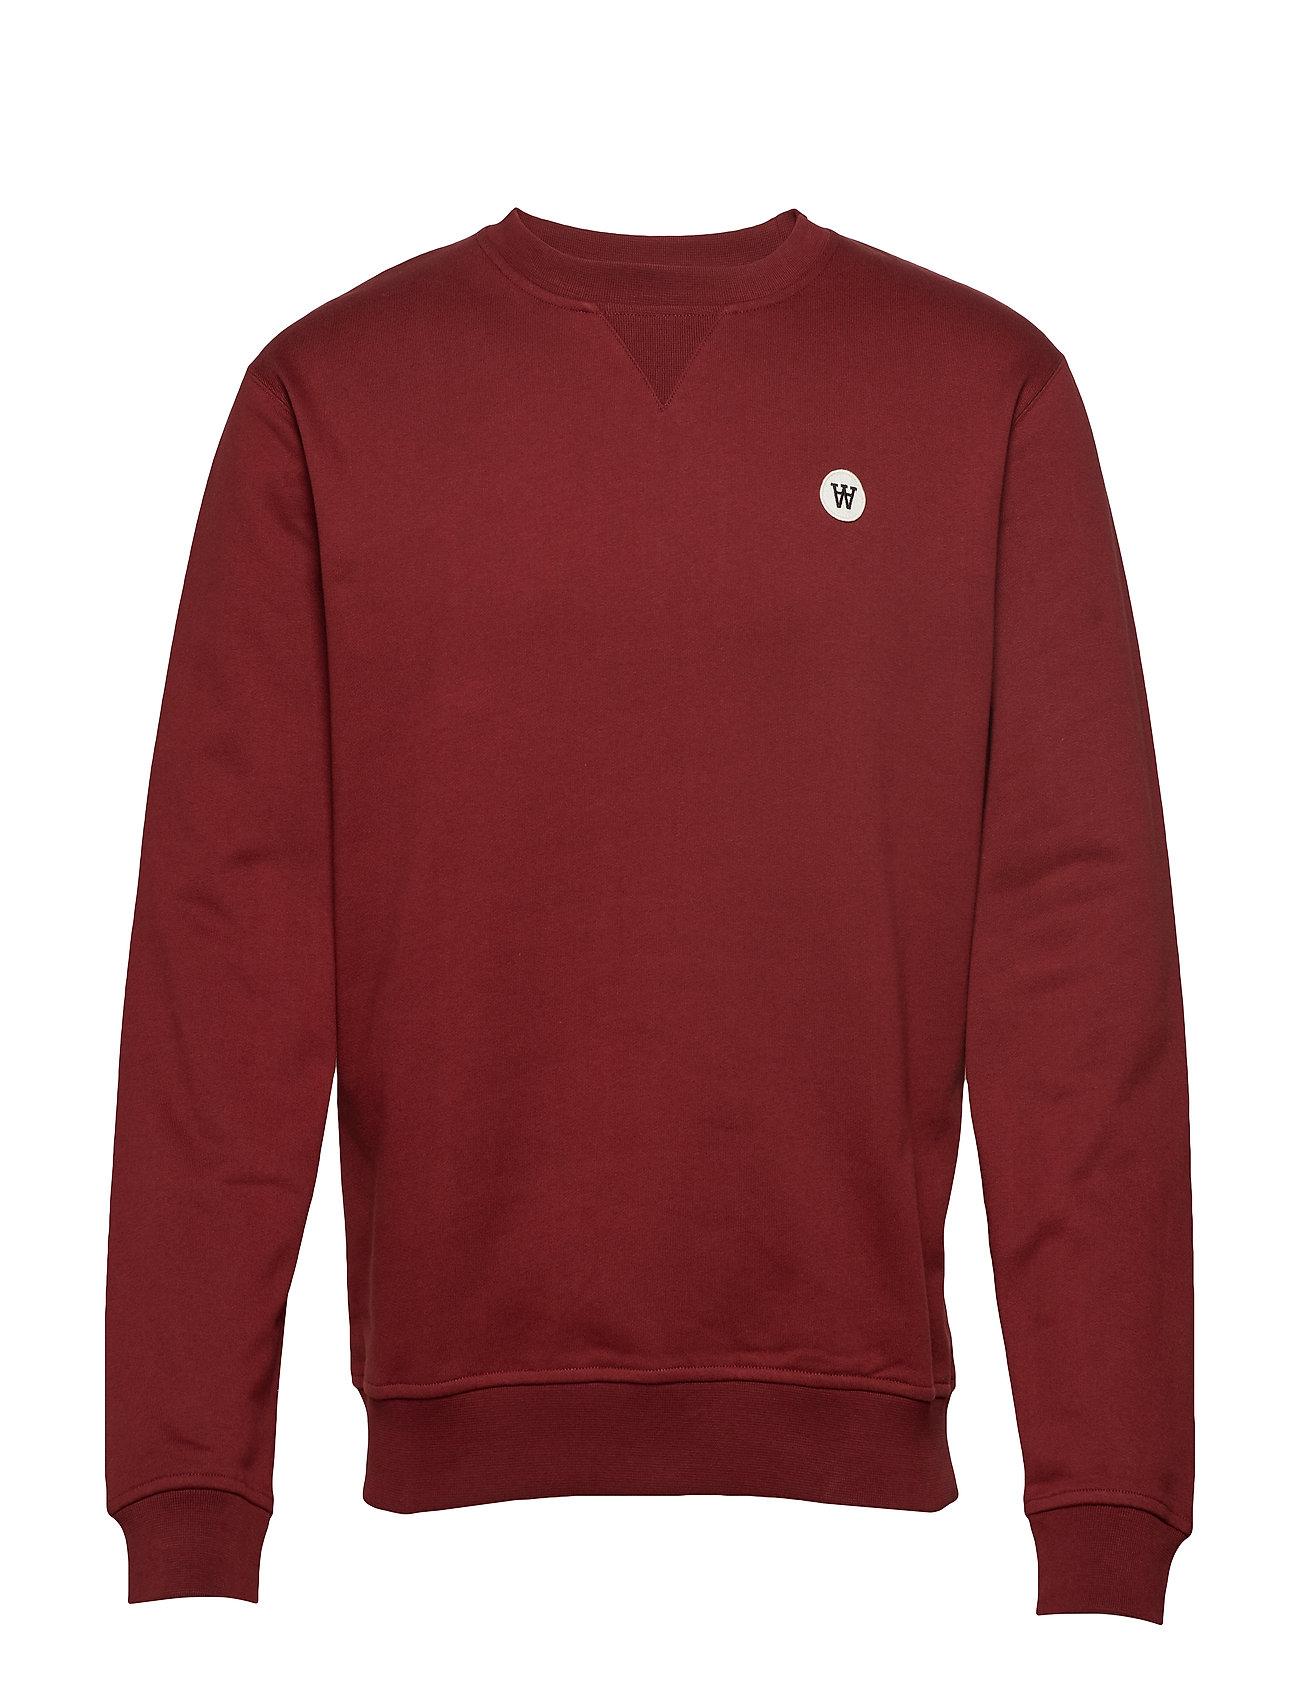 Wood Wood Tye sweatshirt - DARK RED